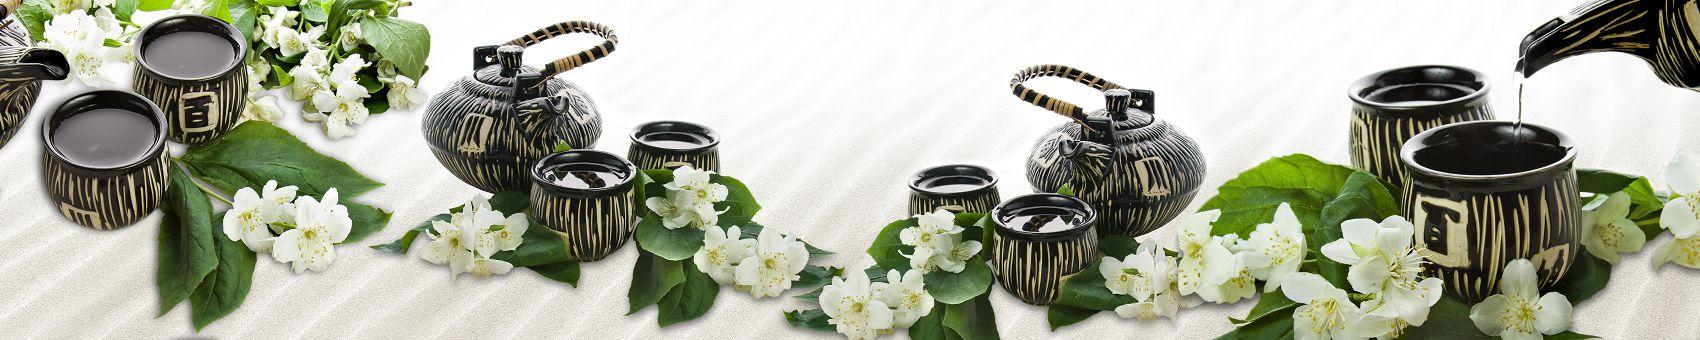 Фартук для кухни чайная церемония